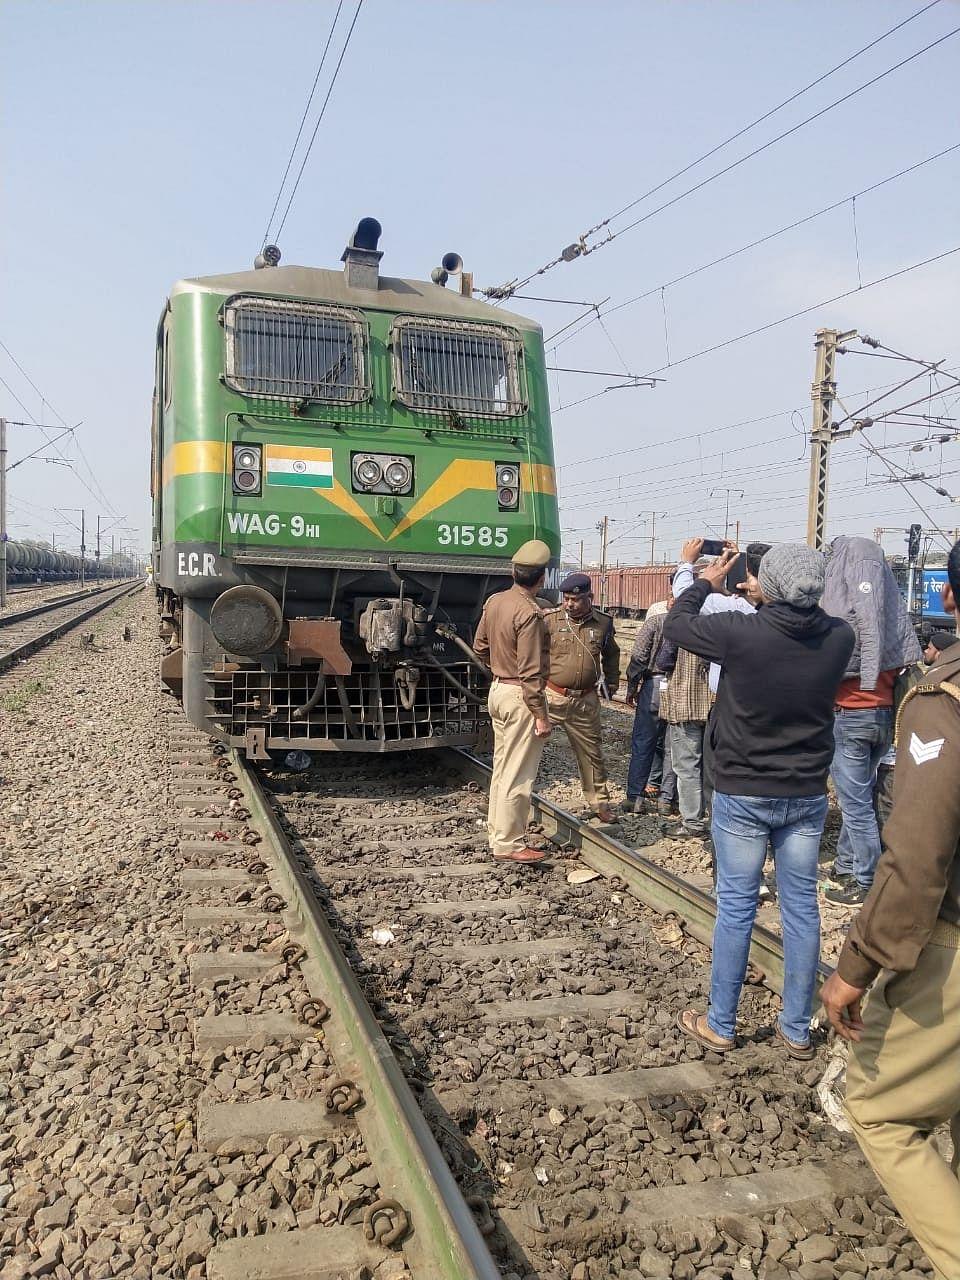 कानपुर पहुंची मालगाड़ी पर हुई फायरिंग के साक्ष्य फॉरेसिक टीम ने जुटाए